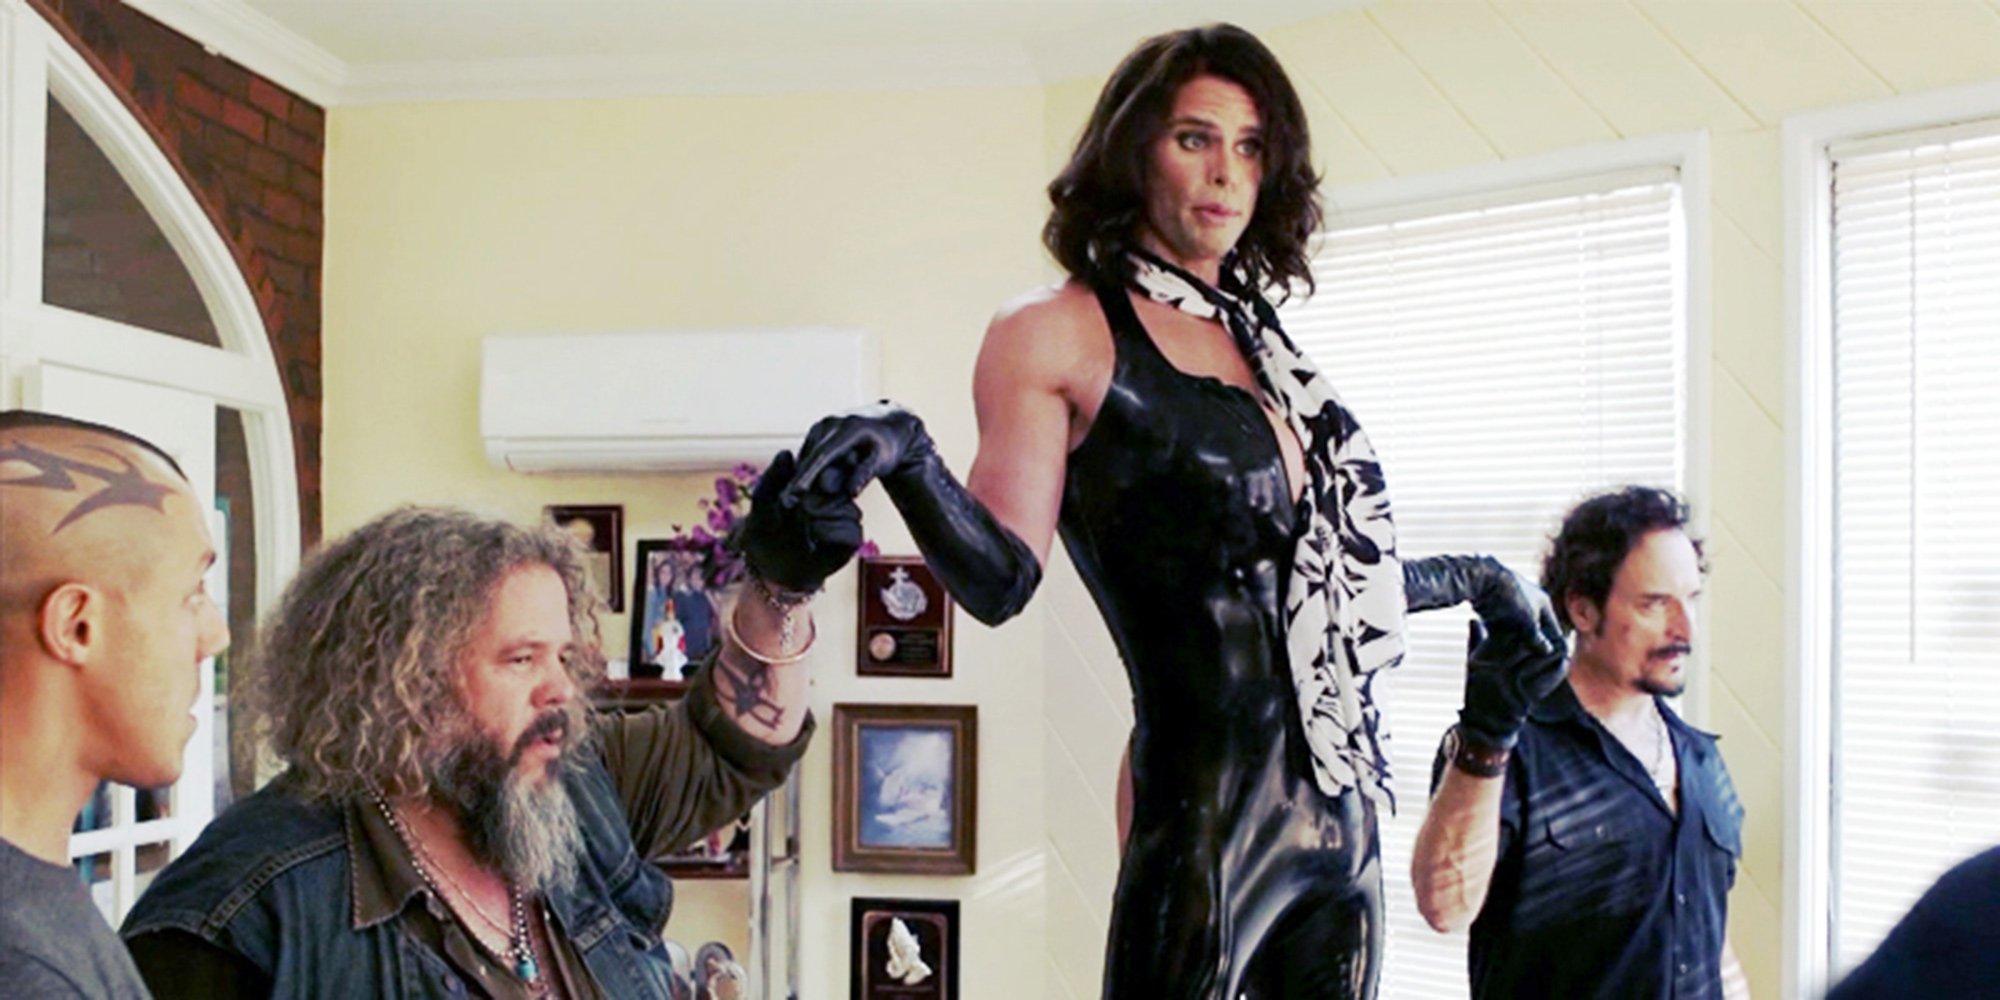 Sons Of Anarchy Season 5 Episode 5 Launched Walton Goggins' Venus